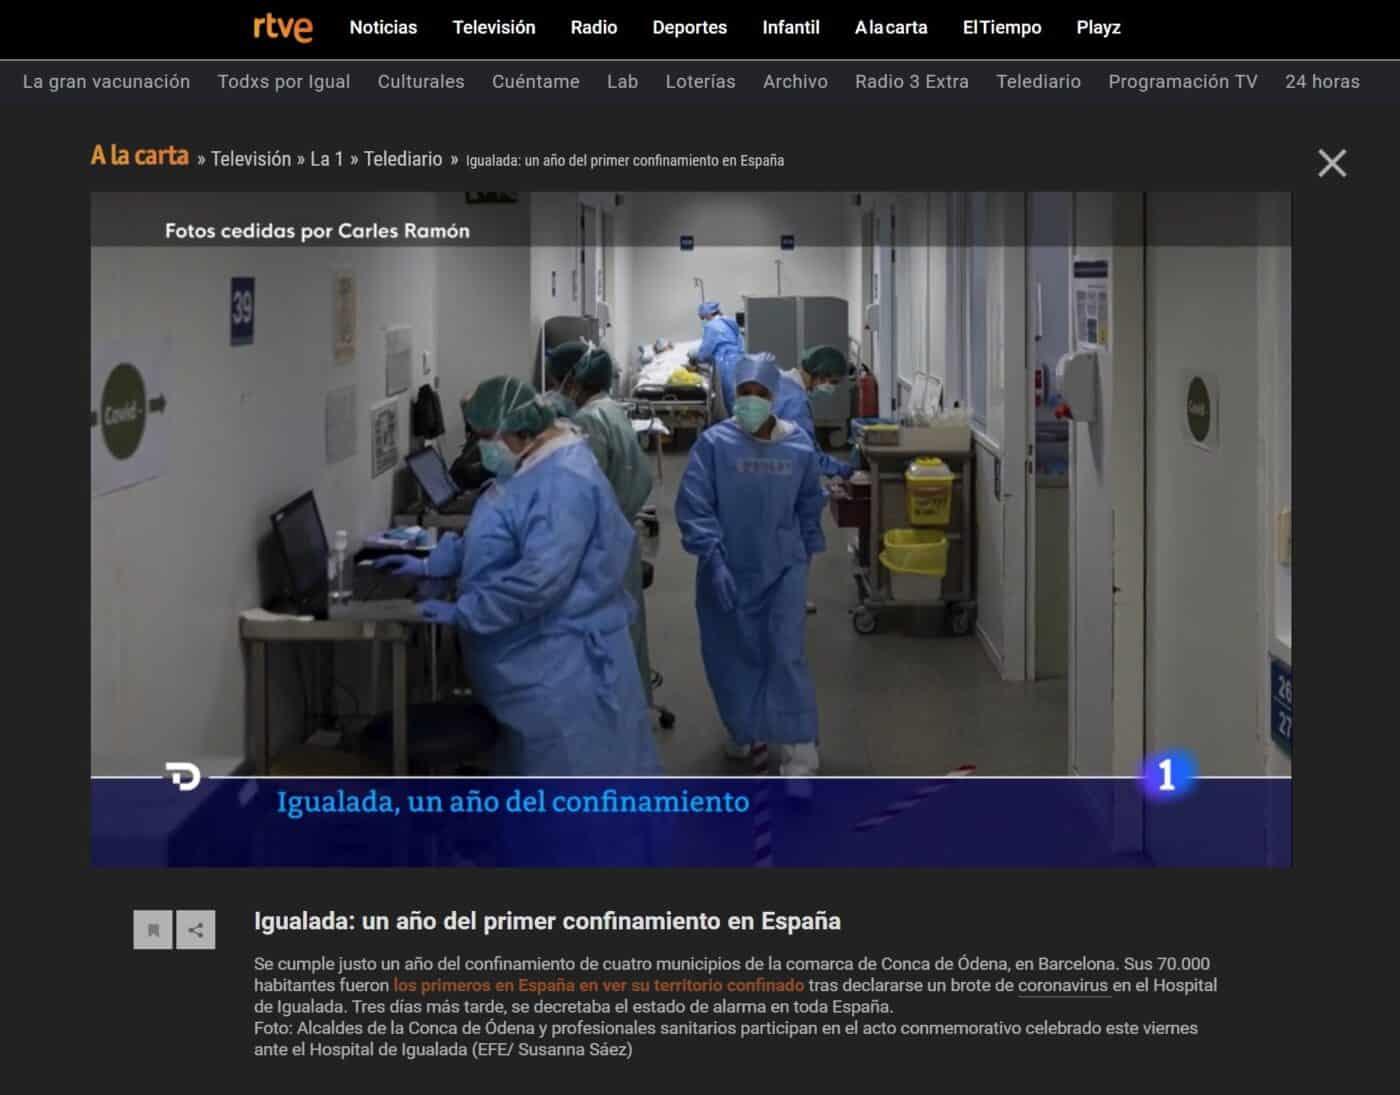 210313 - RTVE - Igualada, un año del confinamiento